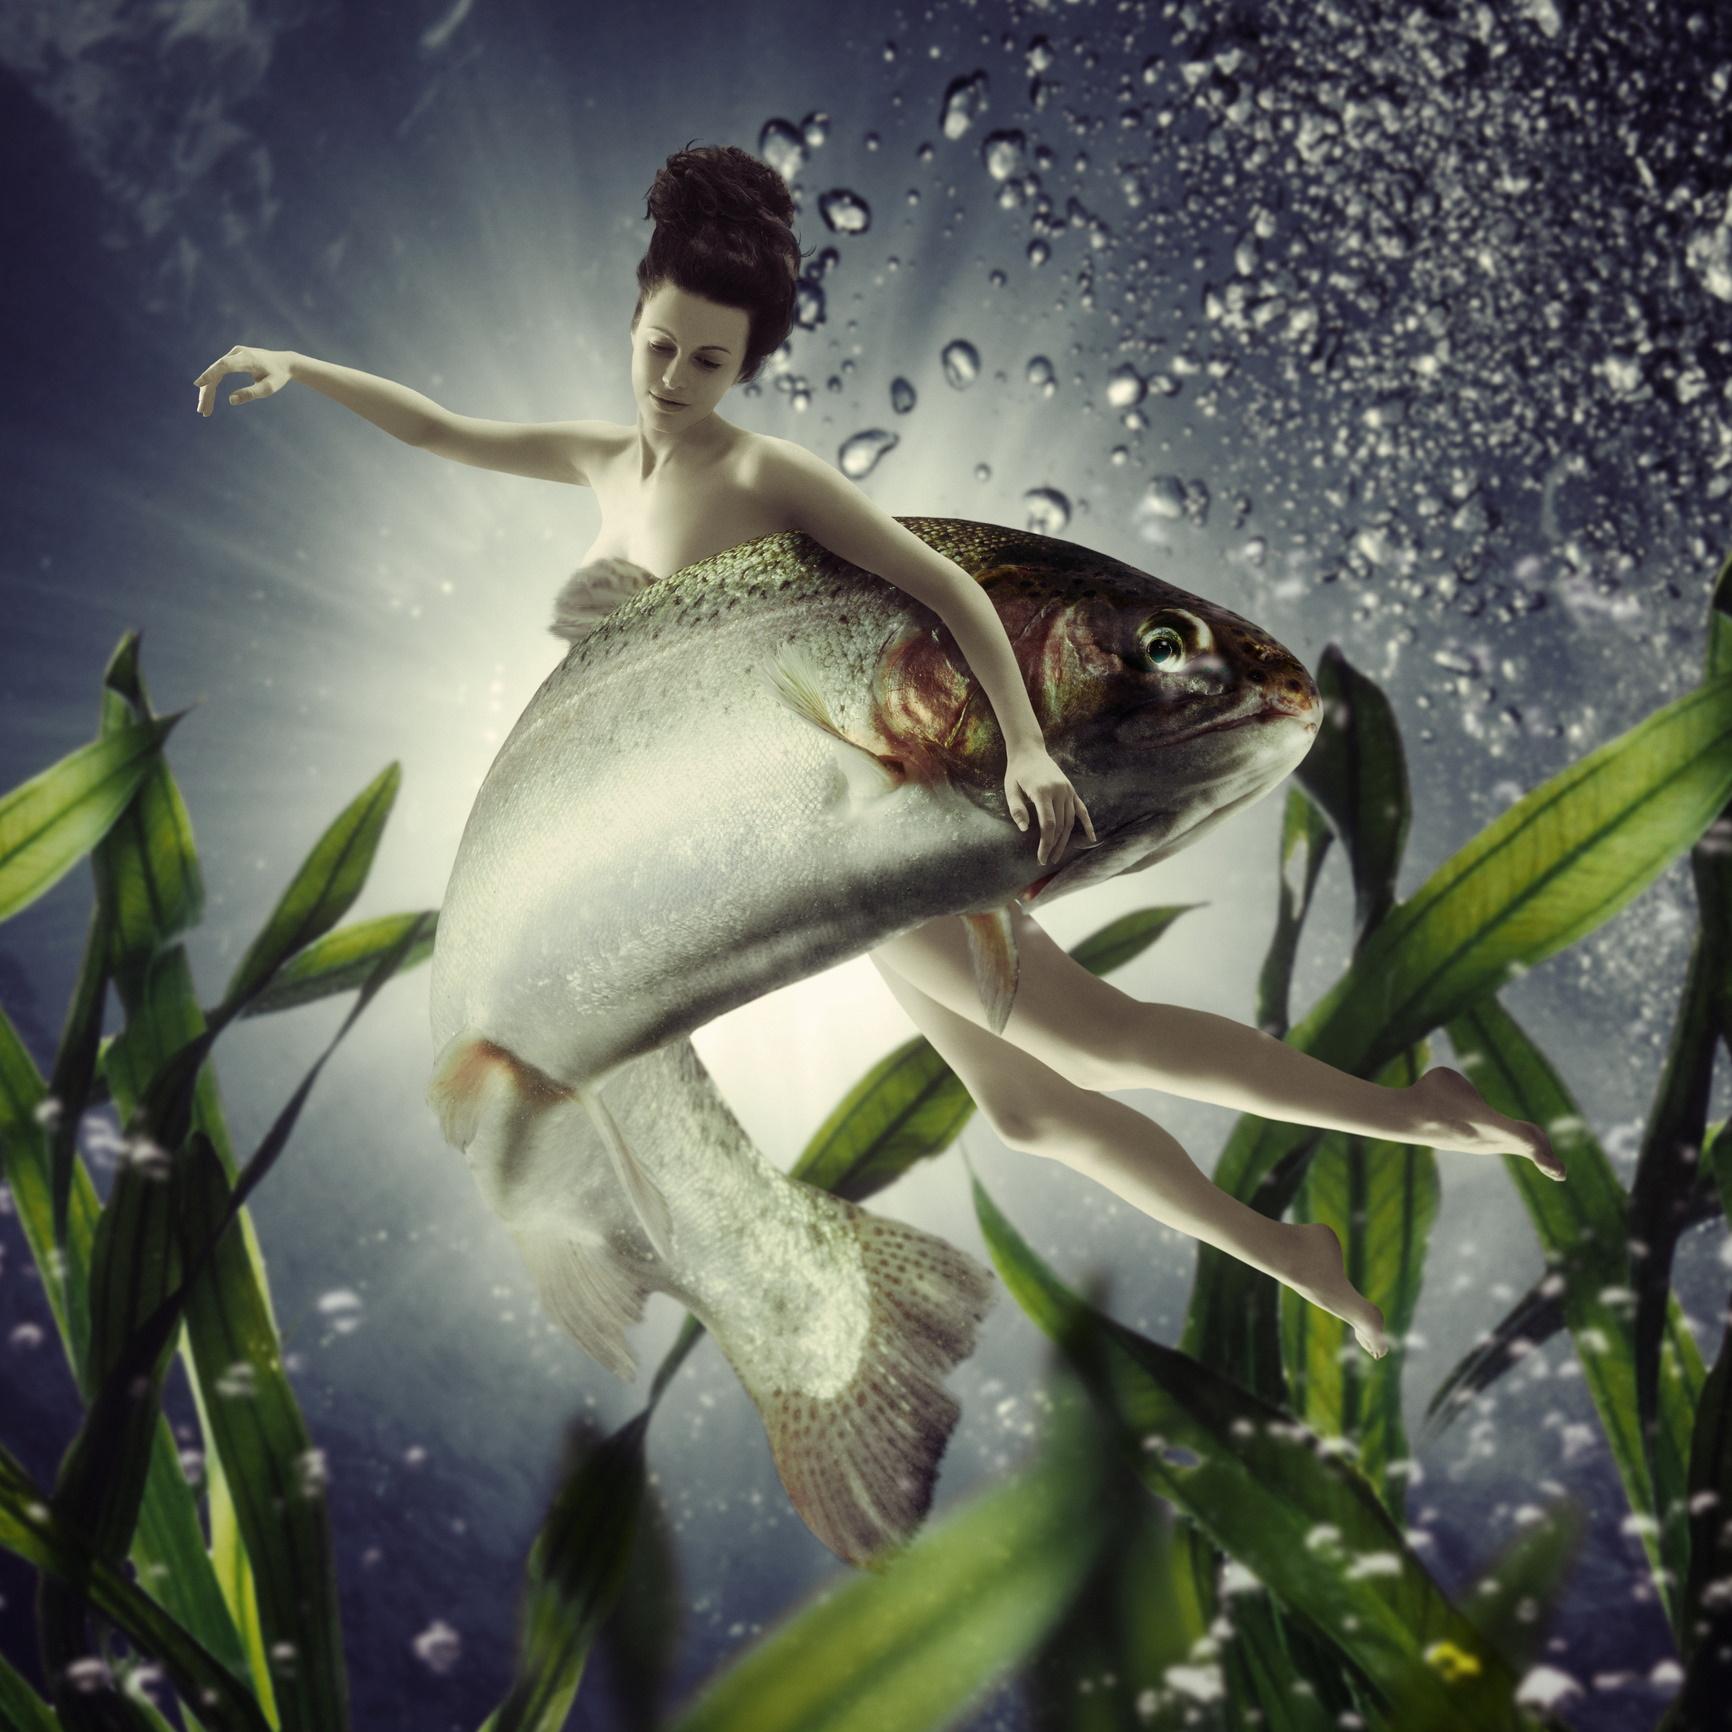 <p><strong>Риби</strong><br /> <u>Киви: </u>Най-добрият плод за Рибите пък е кивито. То действа благоприятно на техните житейски и професионални задачи, помага им да бъдат по-успешни в любовта и в развиването на личните им качества.</p>